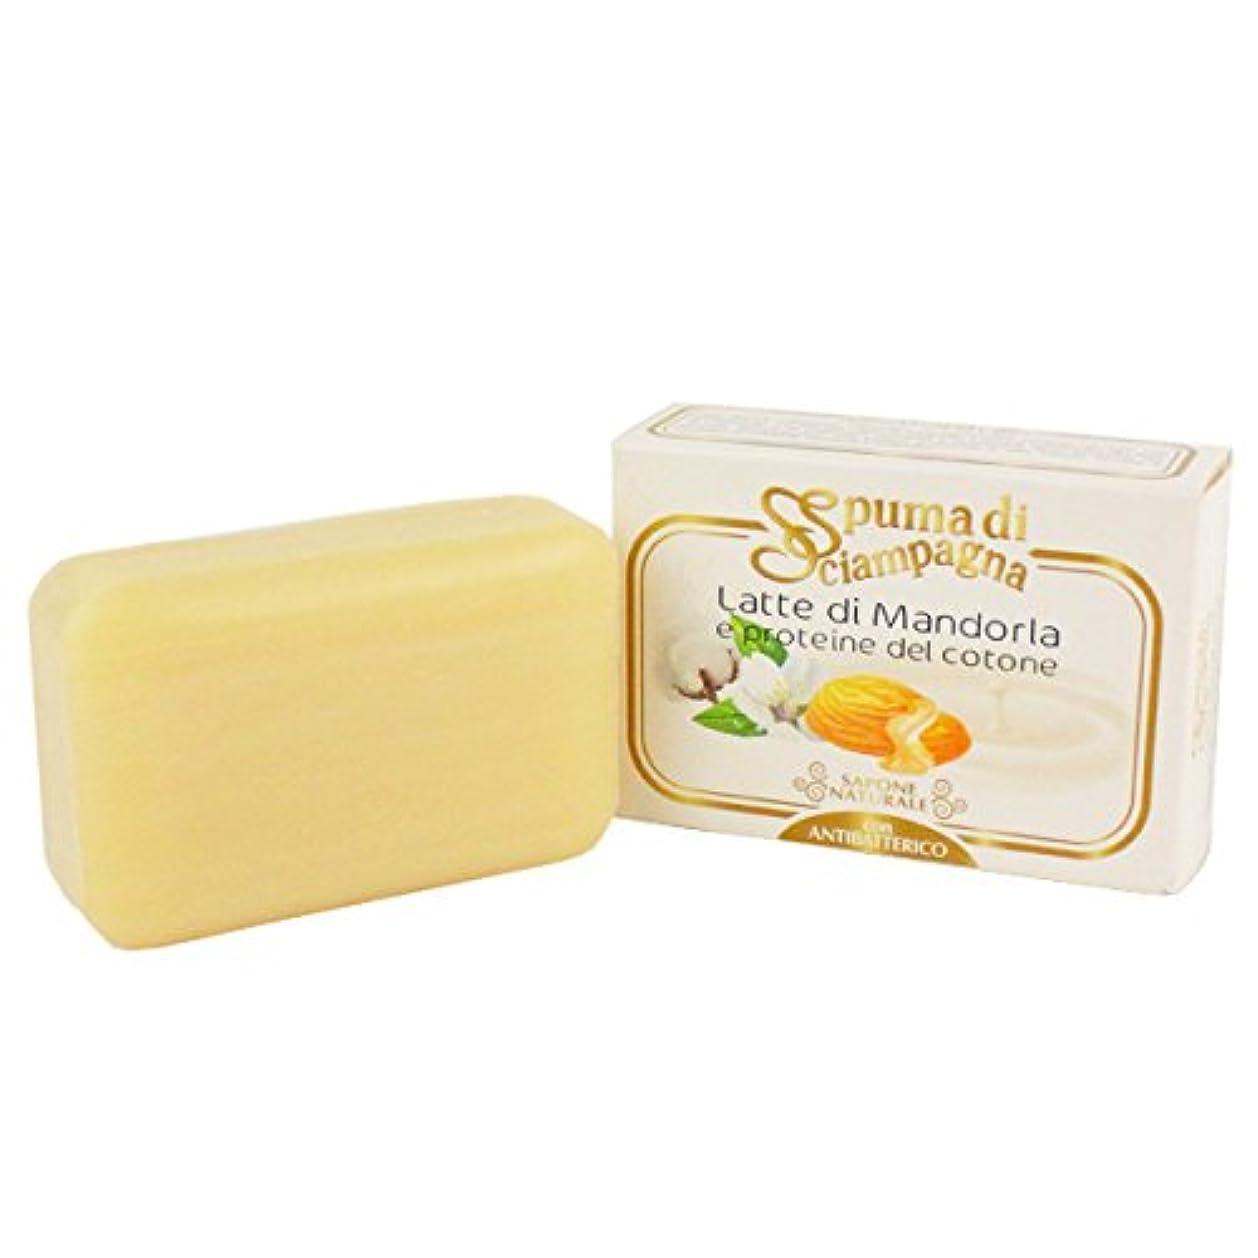 暫定元気なマルクス主義者Spuma di Sciampagna (スプーマ ディ シャンパーニャ) ナチュラルソープ 化粧石けん 145g アーモンドの香り